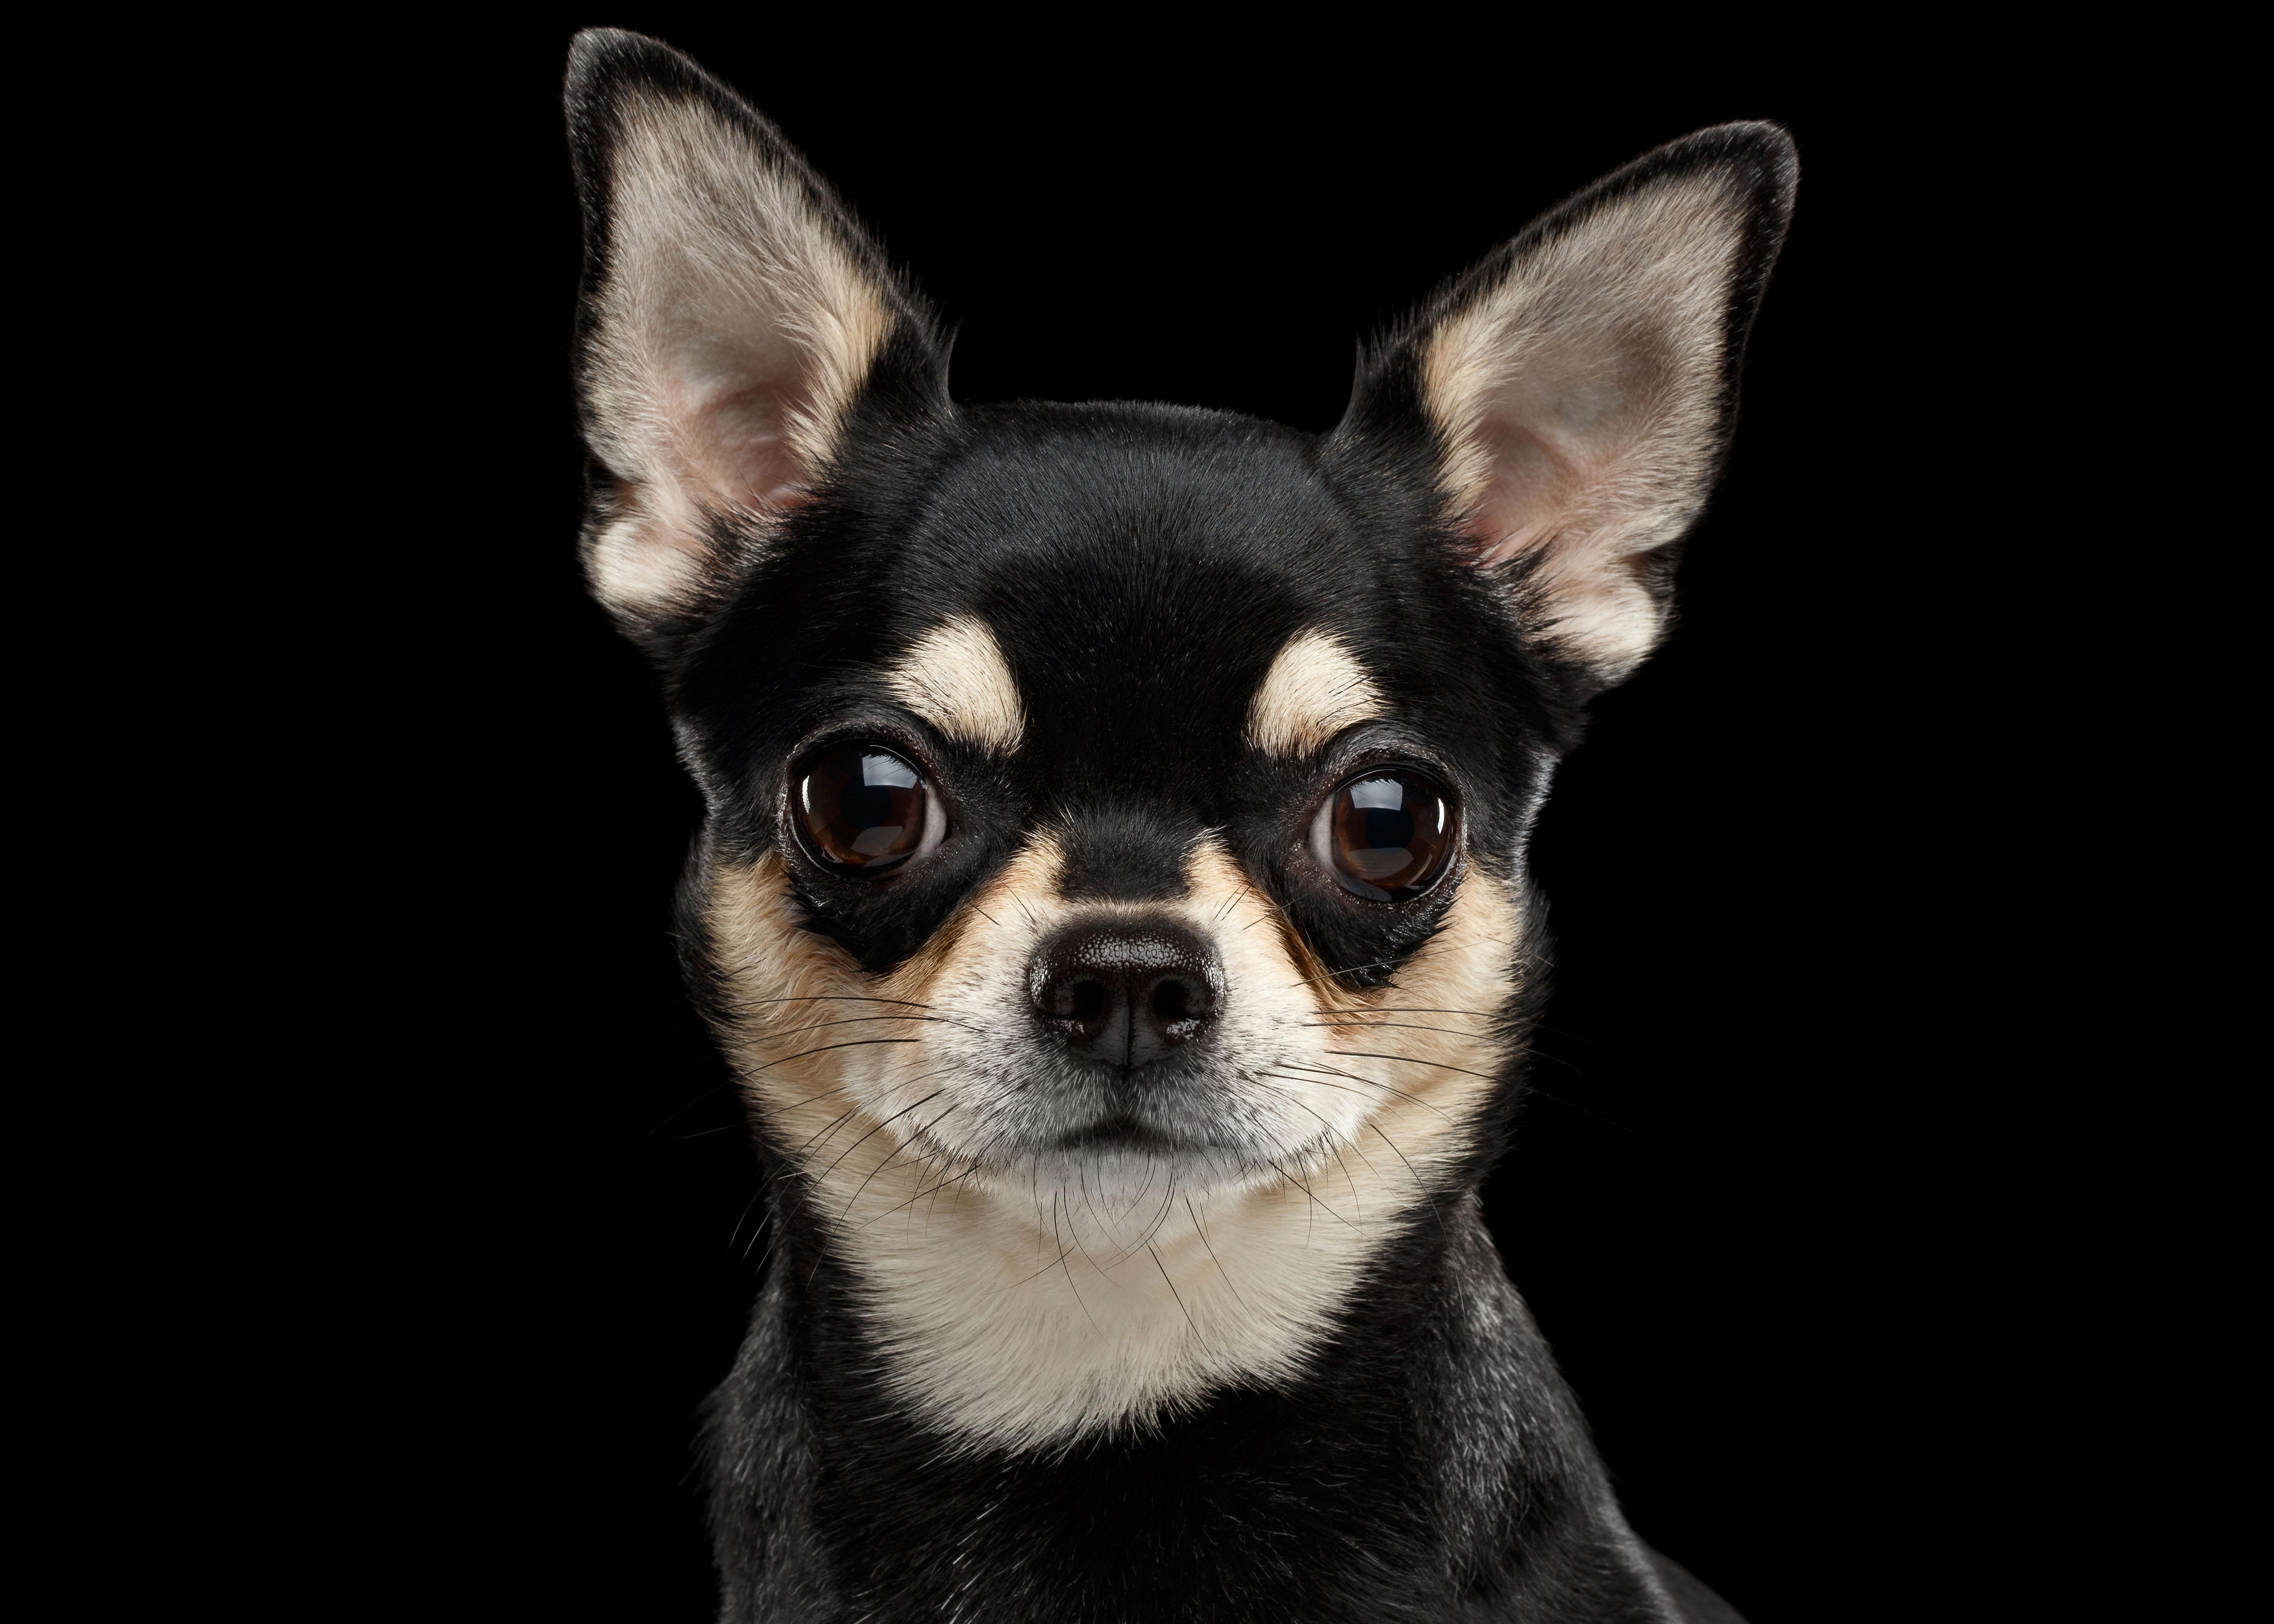 Chihuahua ágytakaró 3 - Kutyás ágytakaró - Egyedi kutyás b90ab91b71